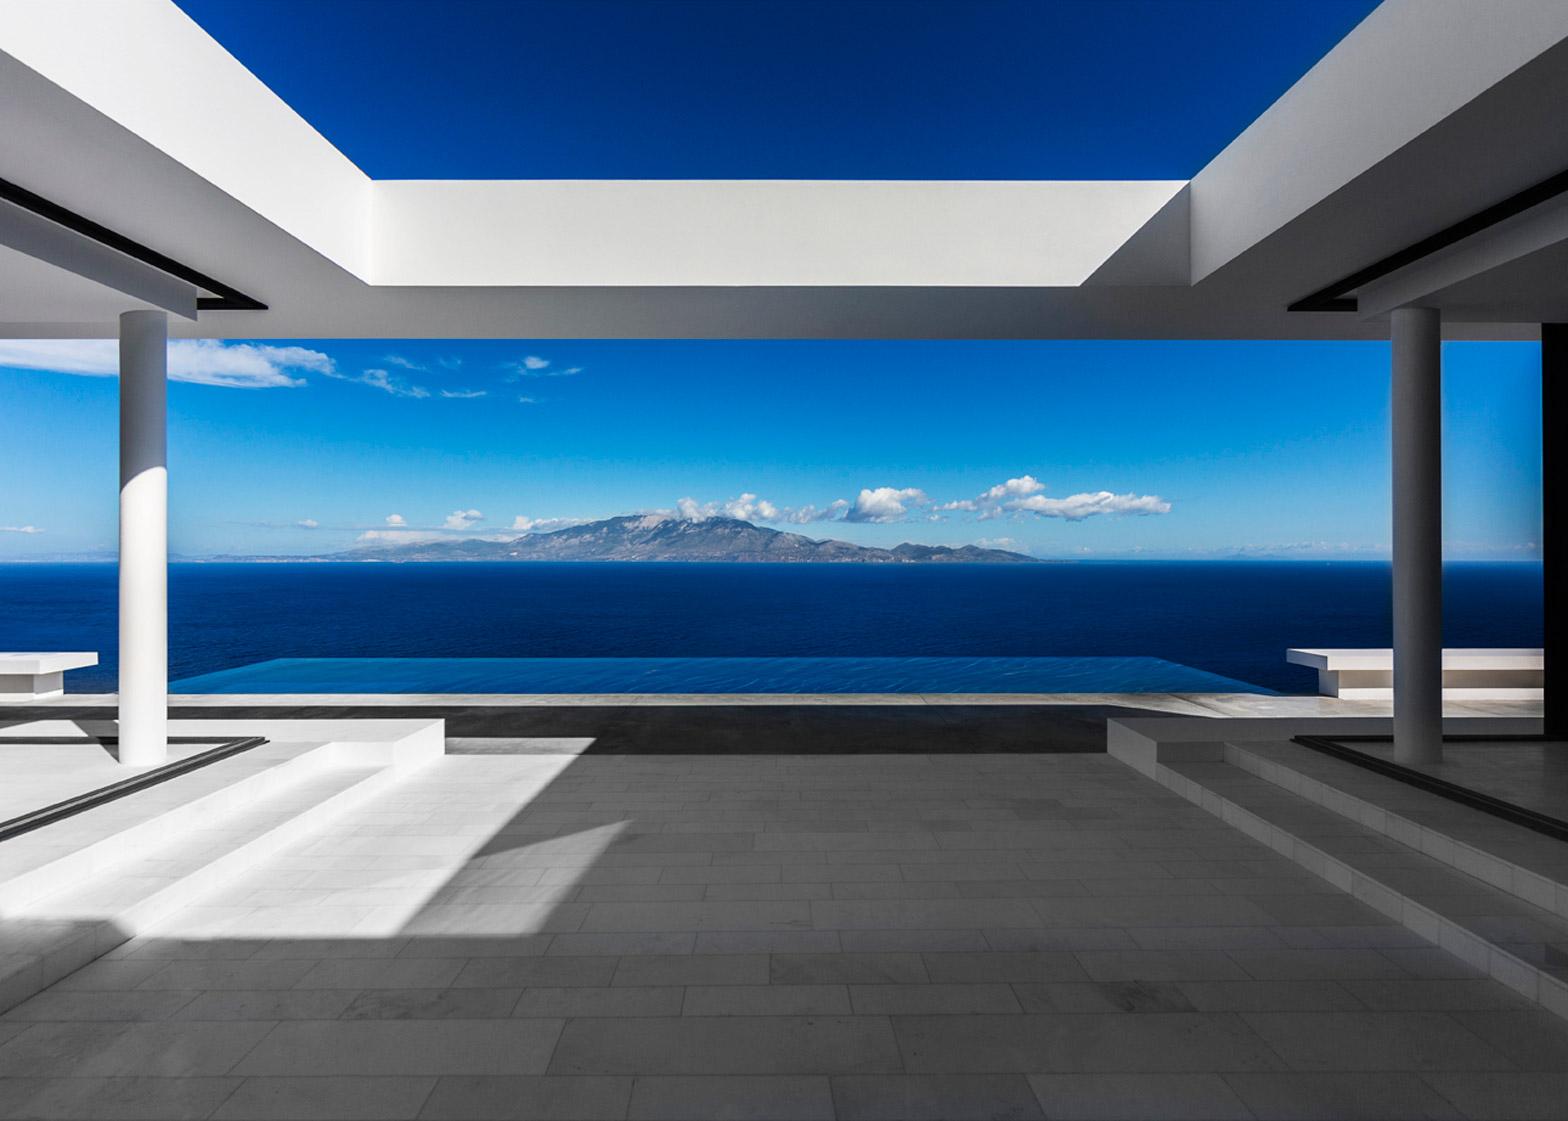 architettura minimale blu bianco olivier dwek zacinto grecia